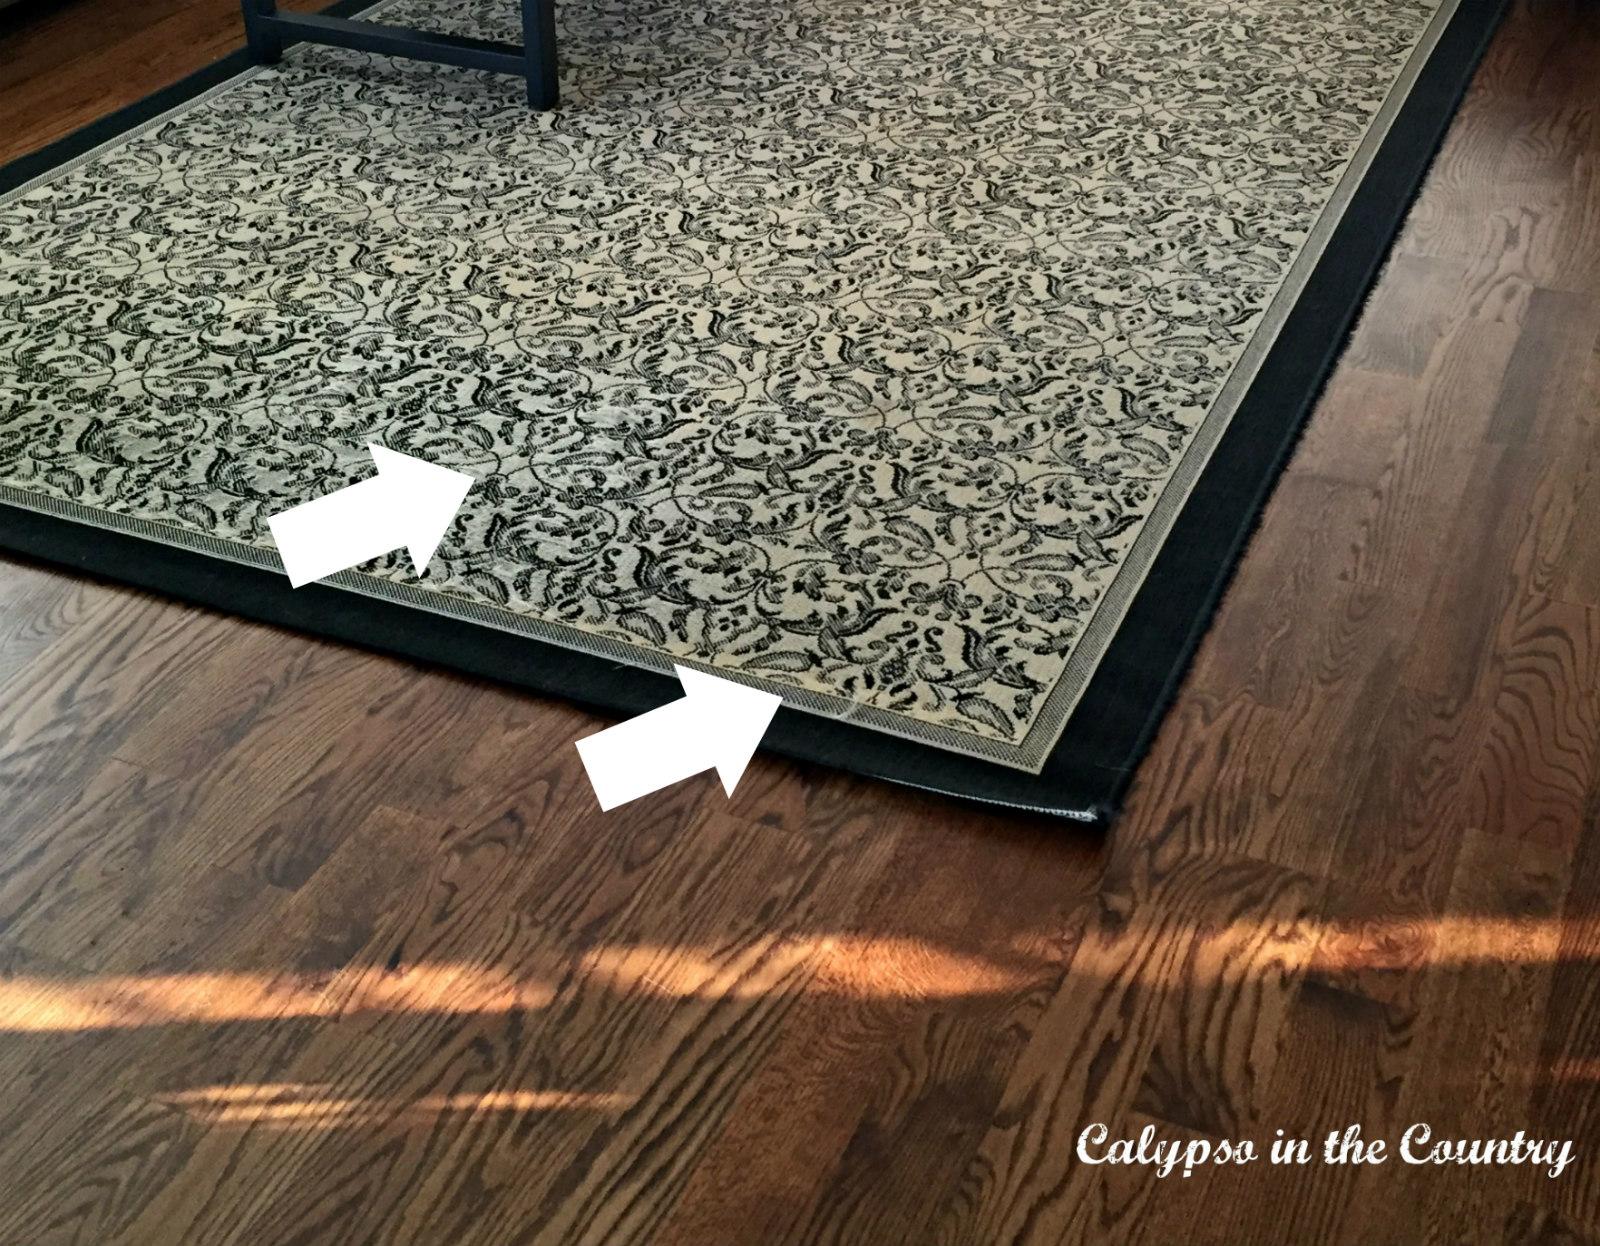 Indoor-Outdoor Rugs in my home